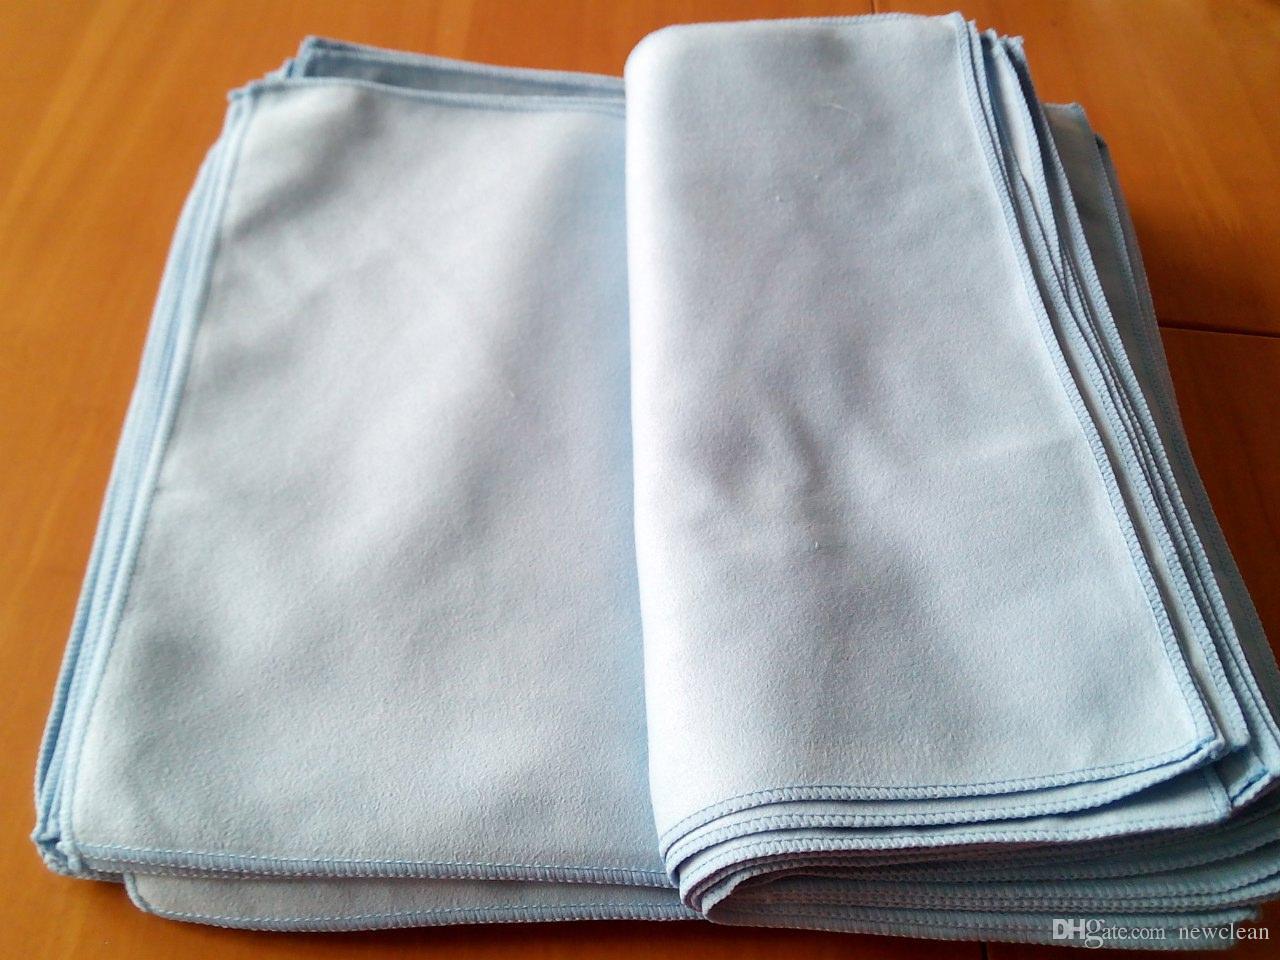 الألياف الدقيقة الألياف الدقيقة من جلد الغزال قماش نظيفة لتنظيف شاشة LCD تمسح زجاج تنظيف منشفة نافذة تنظيف الملابس